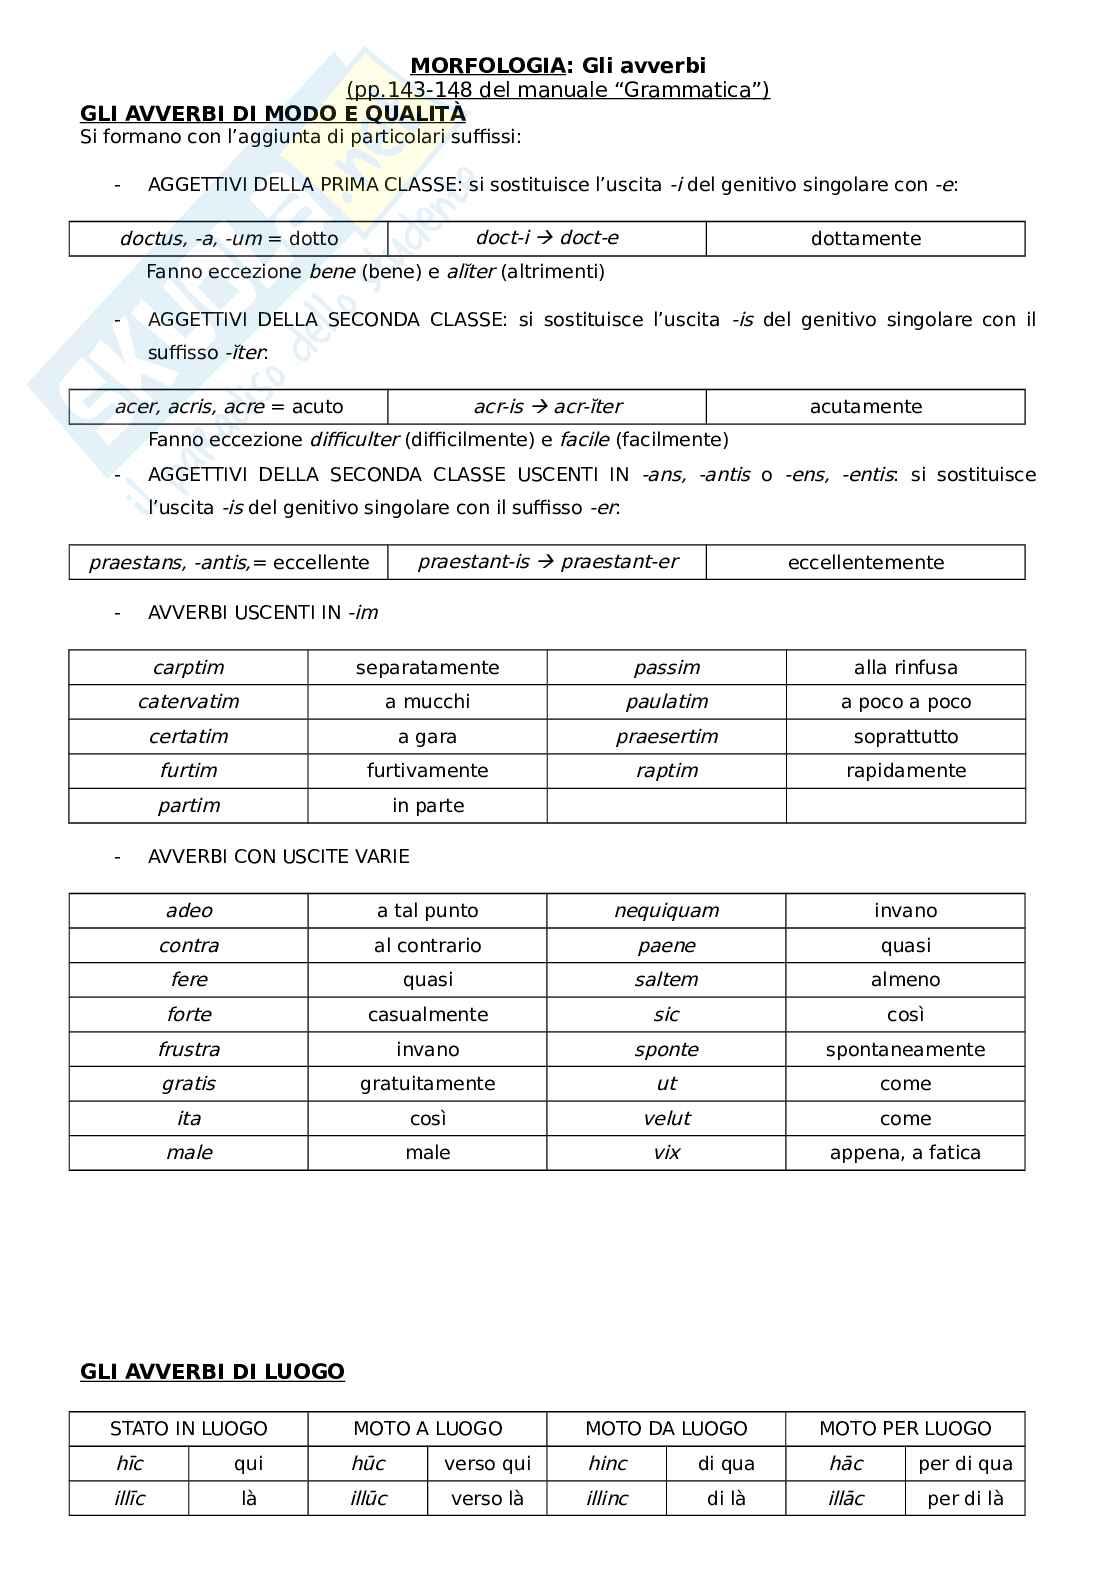 Gli avverbi latini